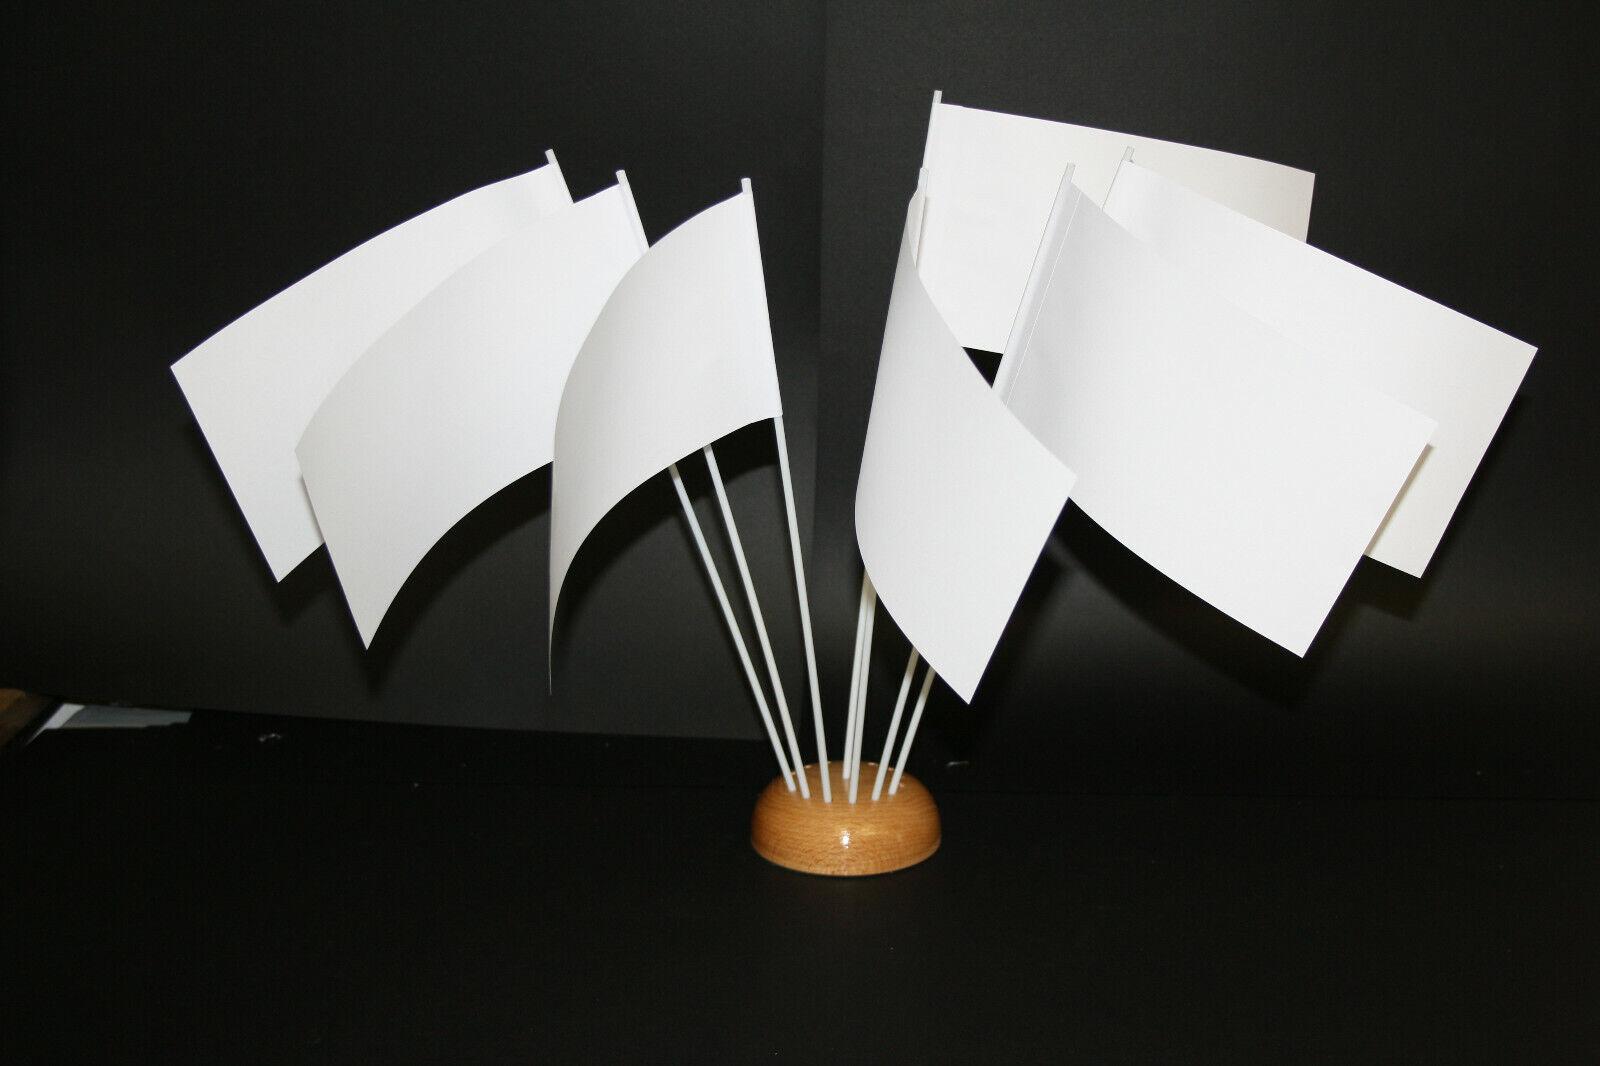 Papierfähnchen/Papierfahnen weiß - zum Selbstgestalten geeignet